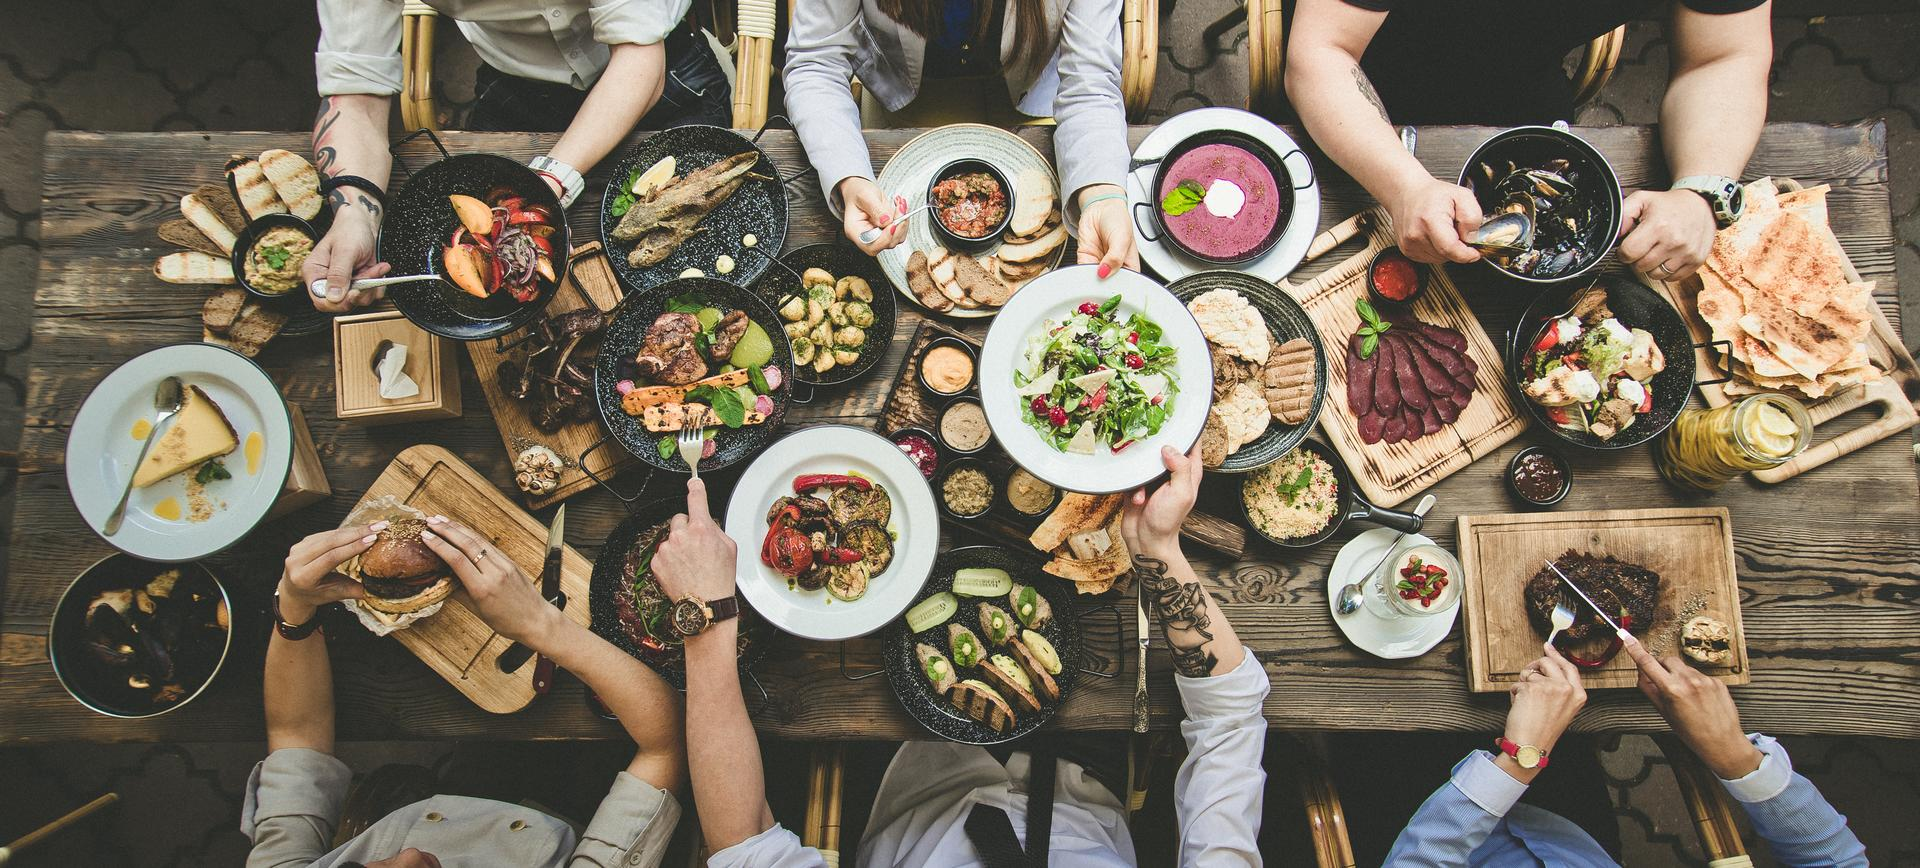 Restaurants Directory